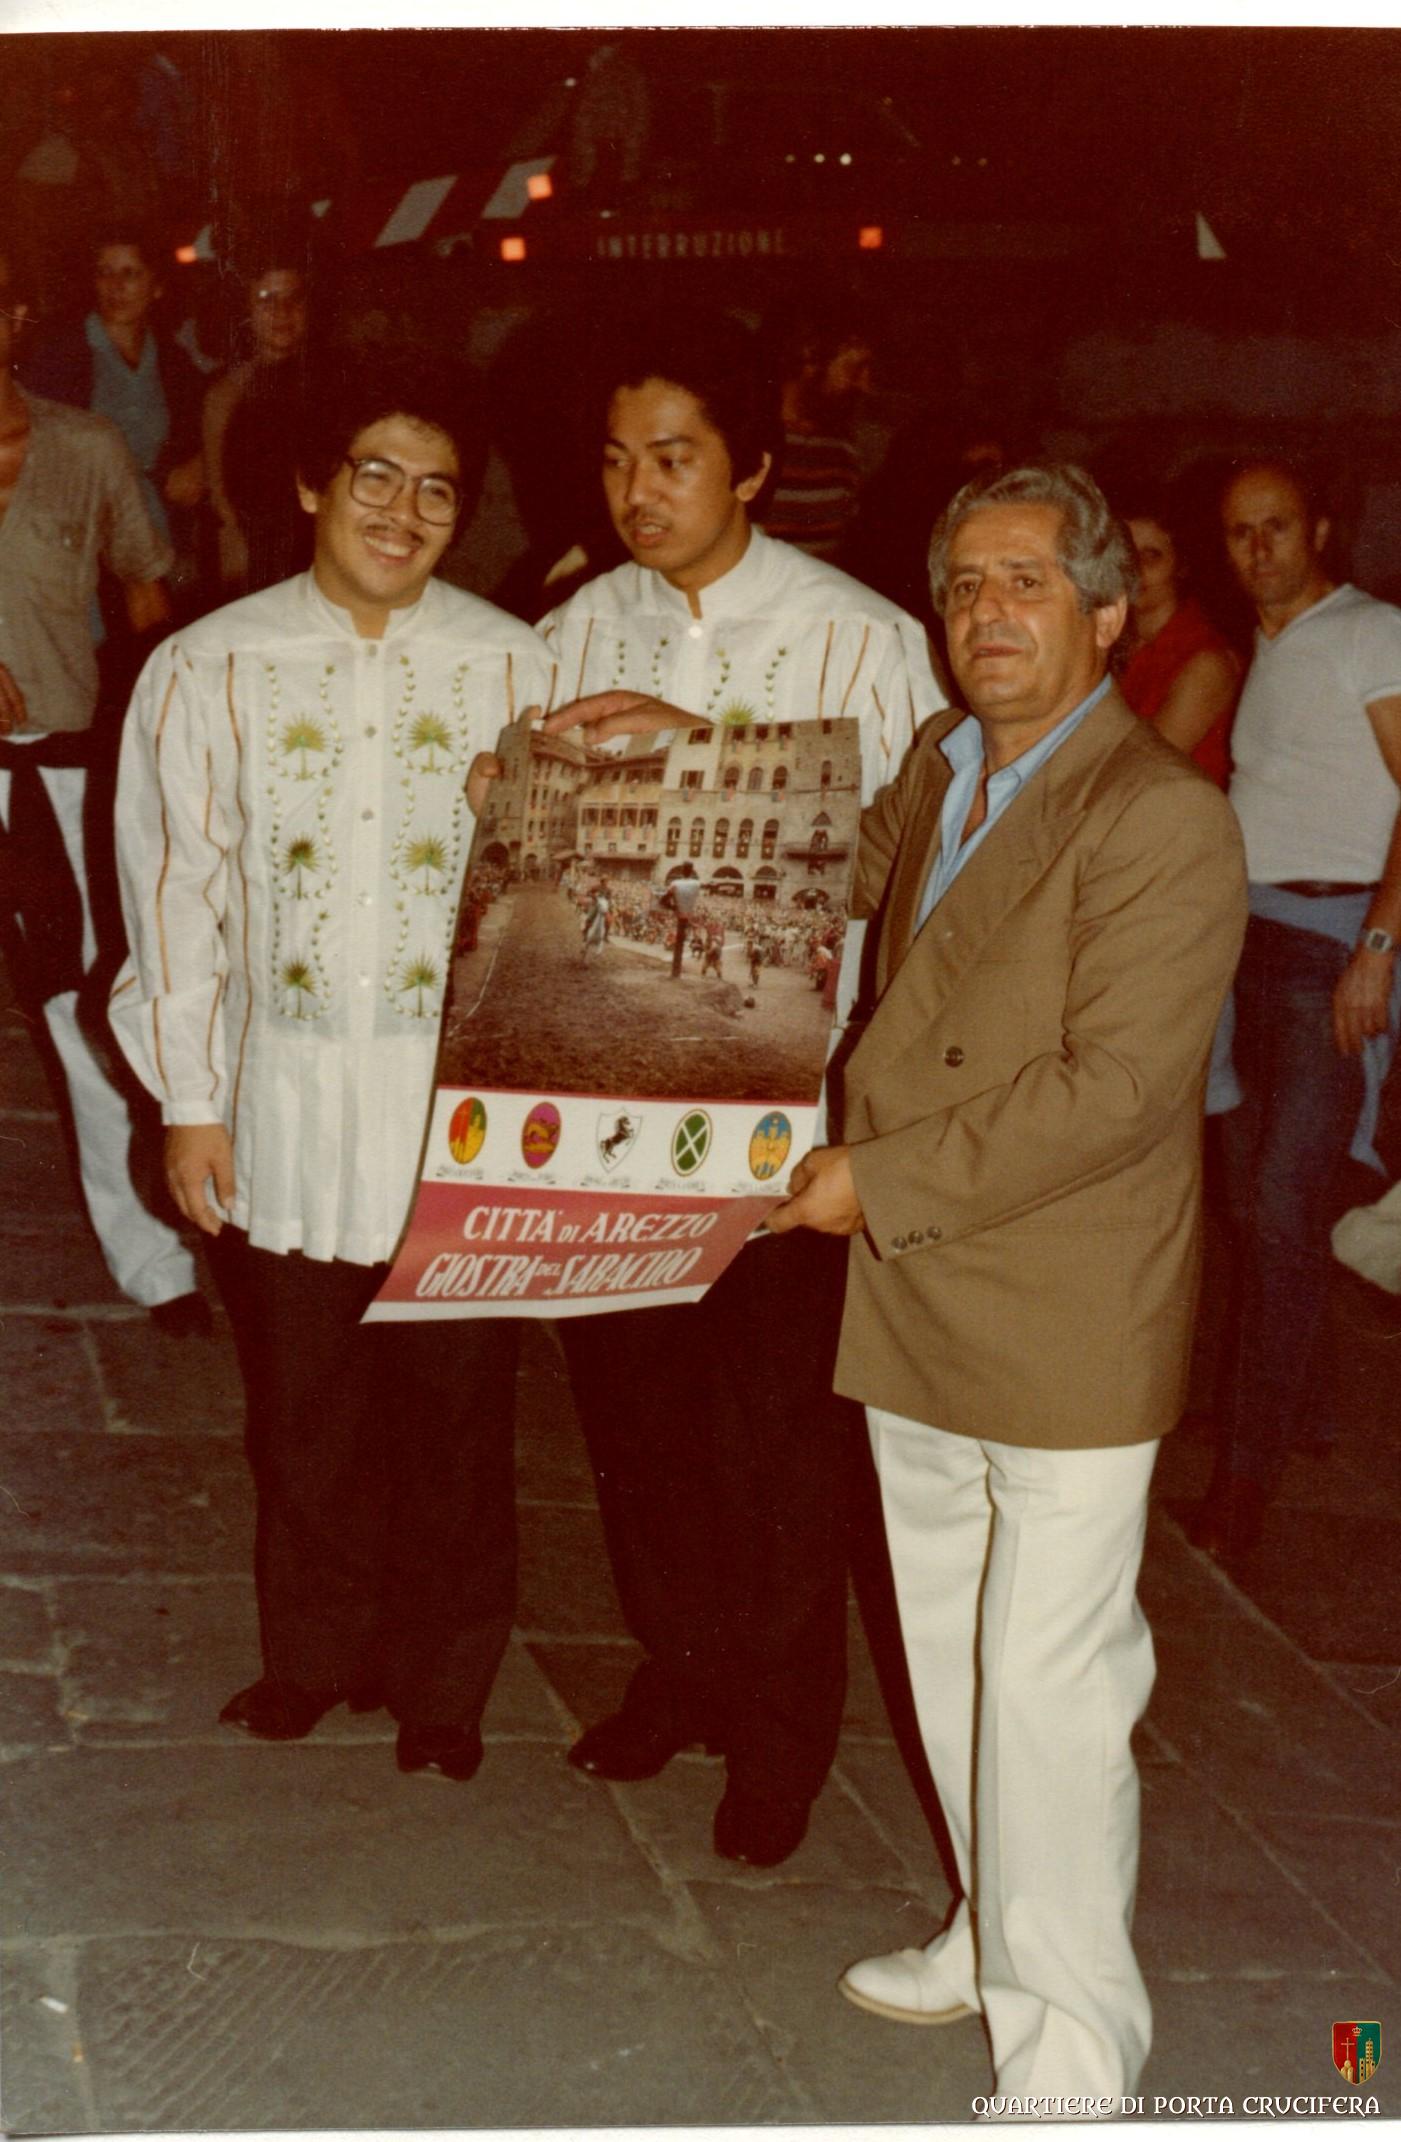 38 - Tonino Morelli dona il poster della Giostra ad un coro del polifonico